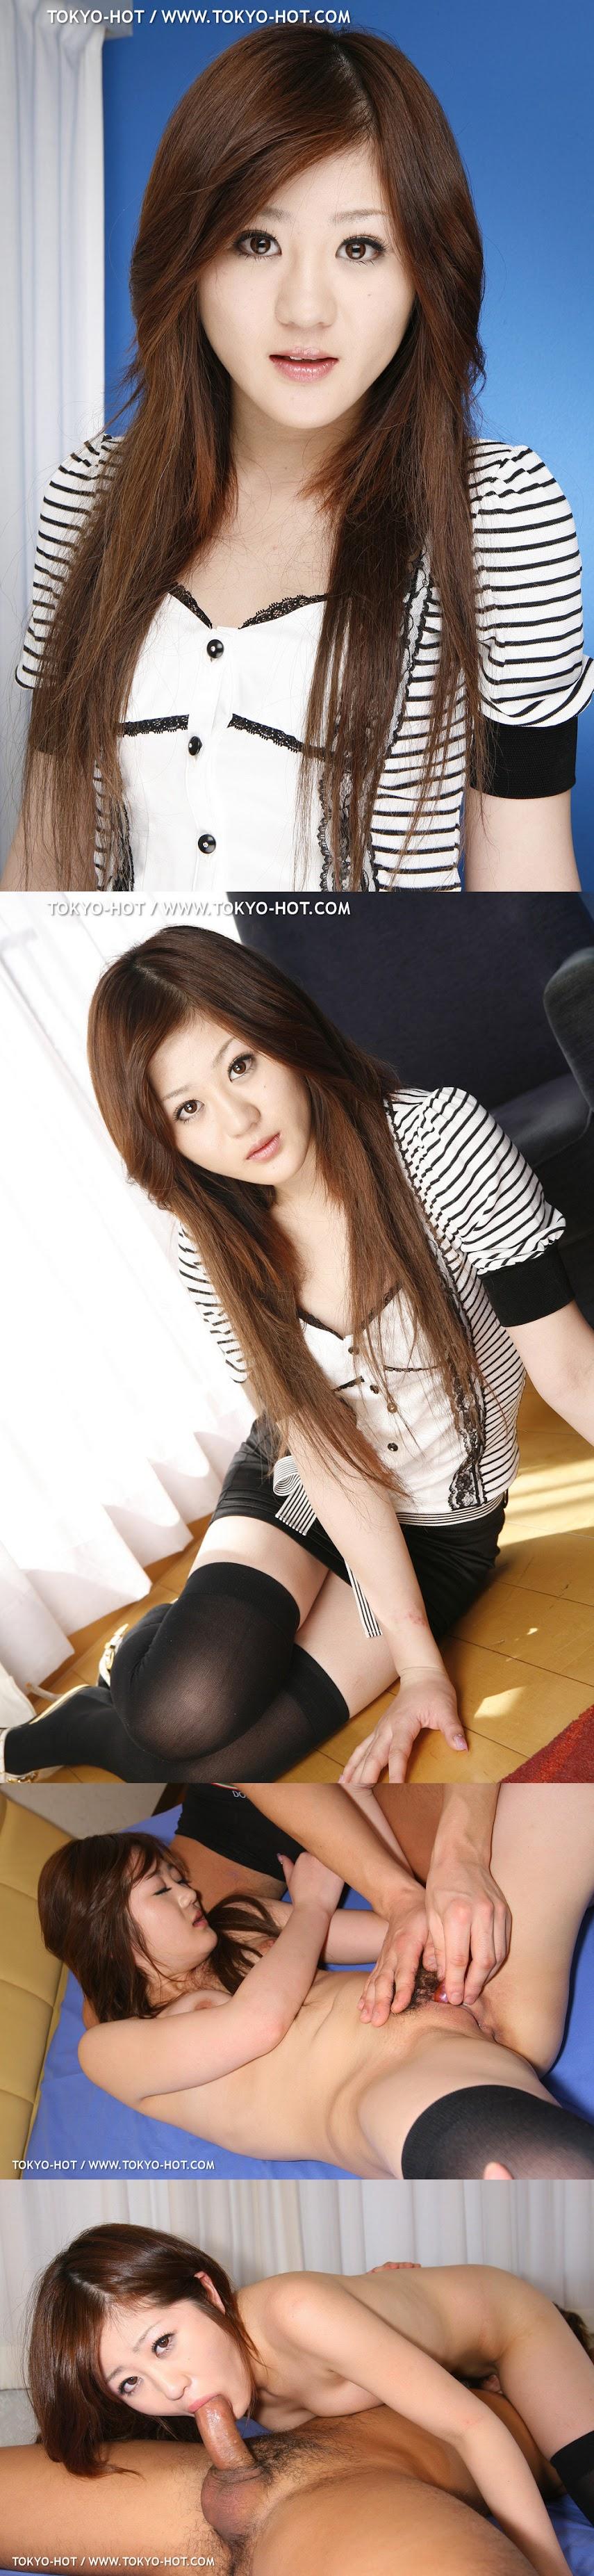 e211reimi_minami_001.zip-jk- Tokyo-Hot e211reimi minami 003 tokyo-hot 09160